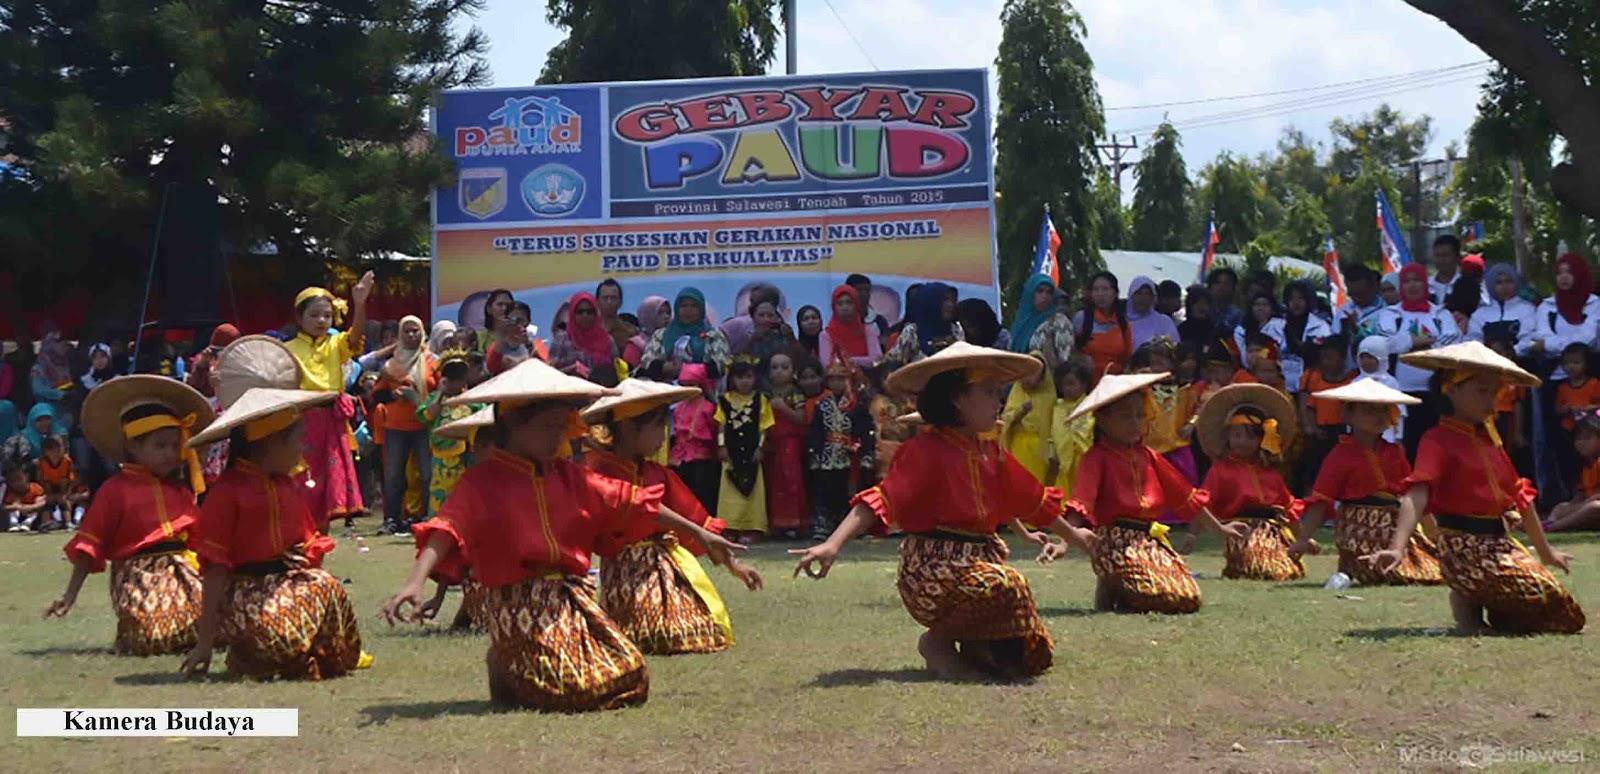 Tari Pamonte, Tarian Tradisional Dari Provinsi Sulawesi Tengah